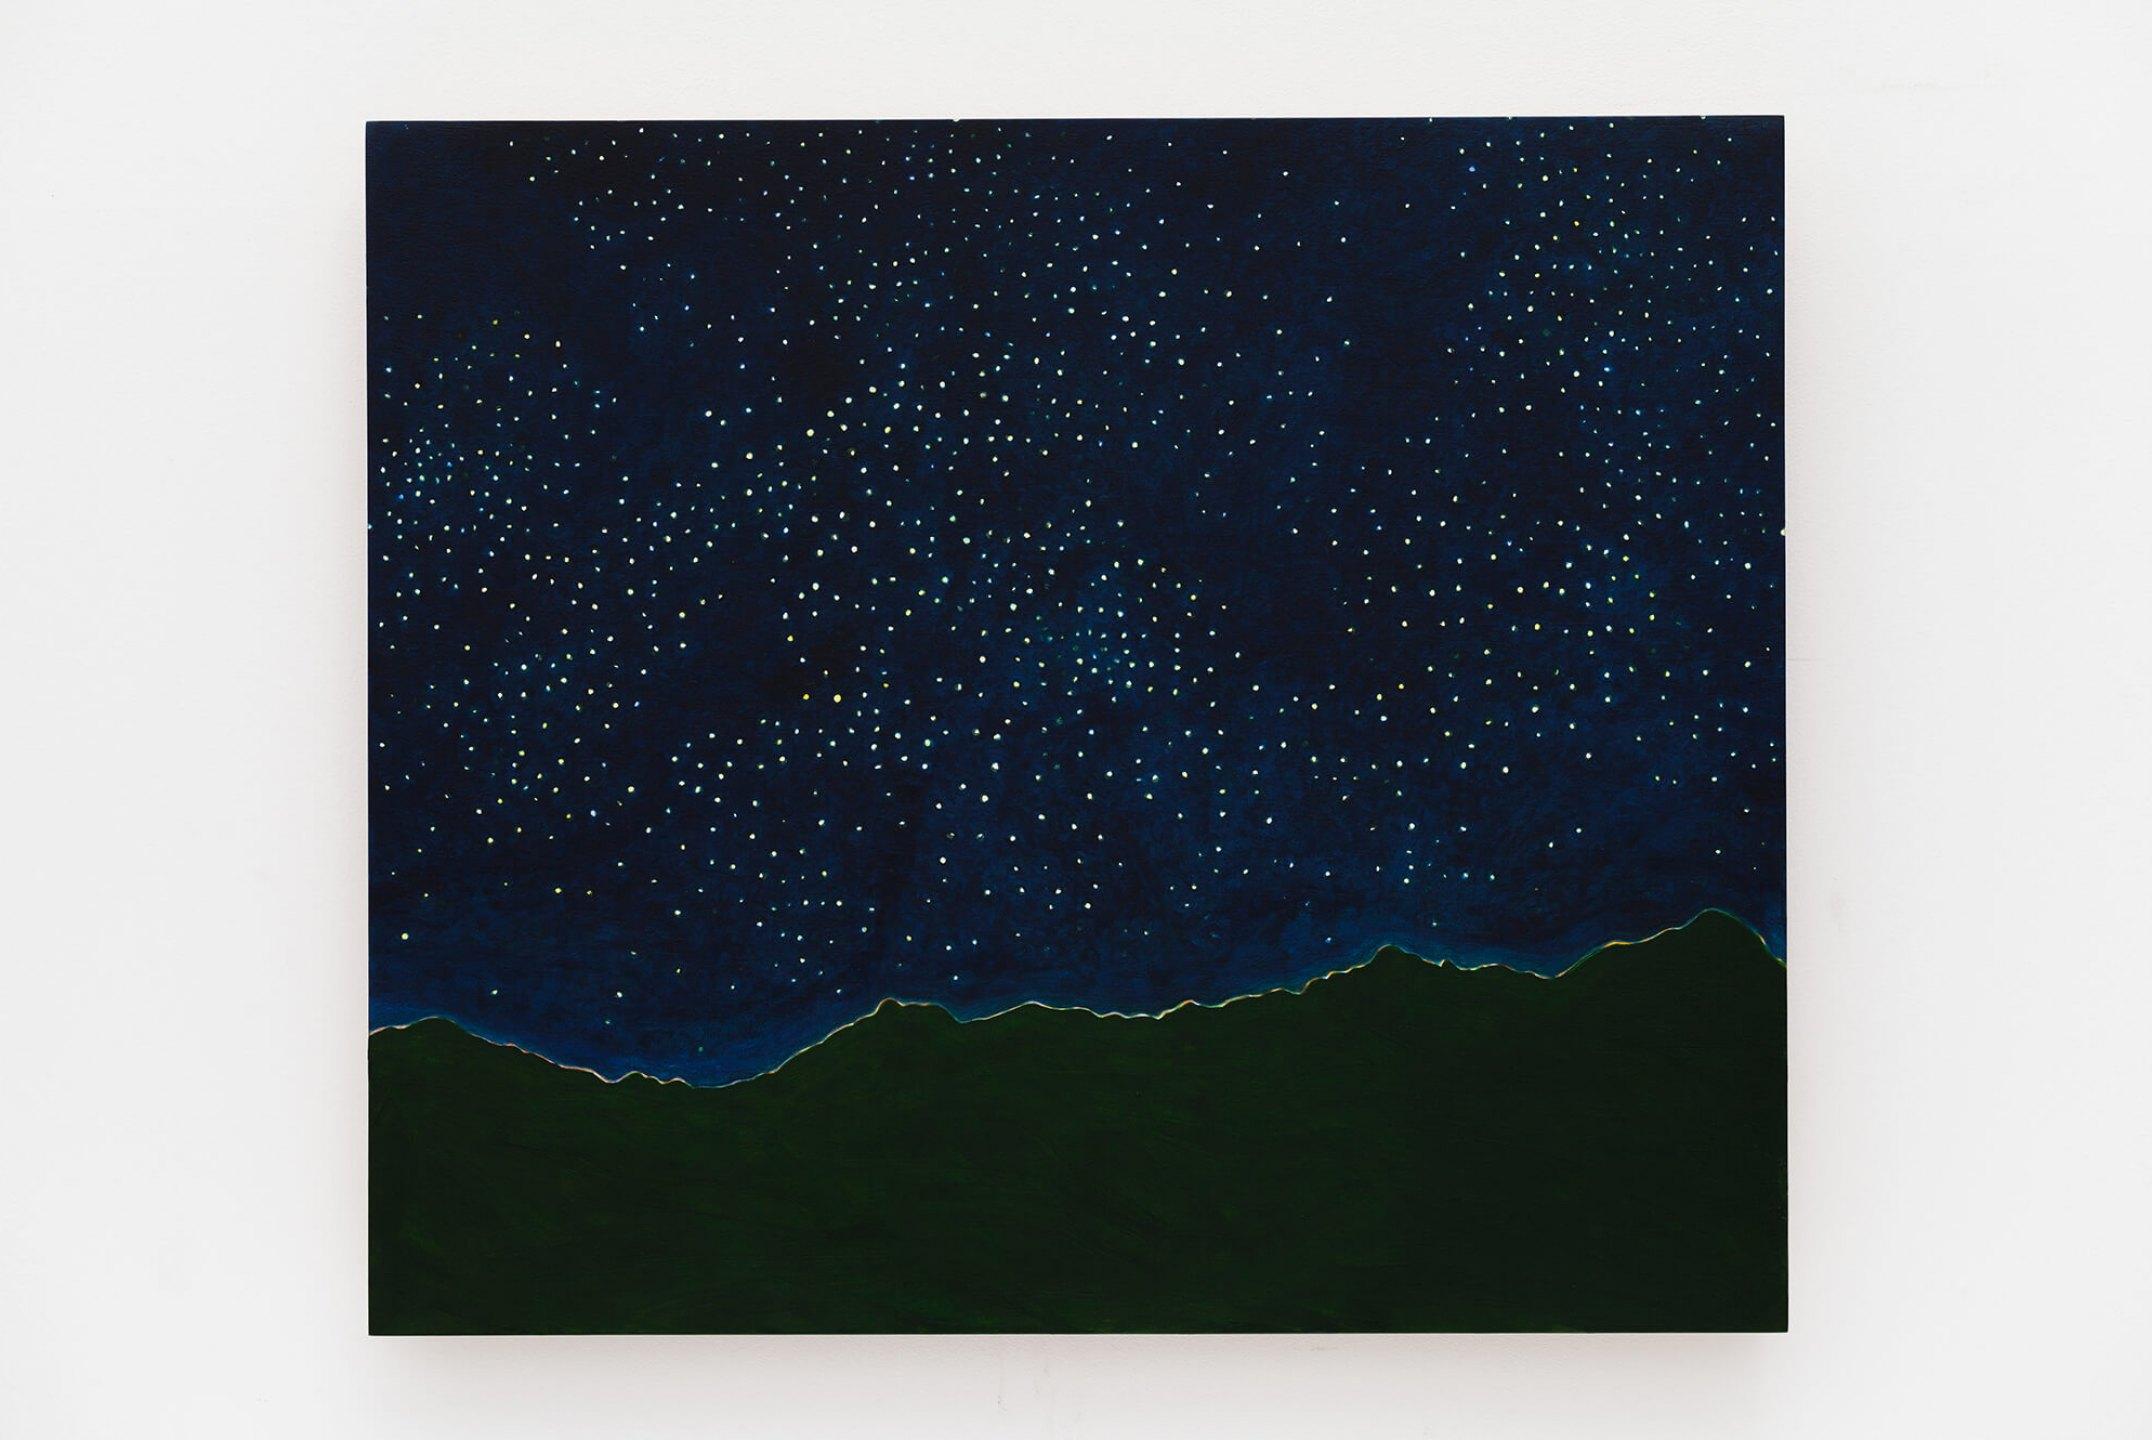 Patricia Leite, <em>Banho de estrelas</em>, 2015, oil on wood, 70×80 cm - Mendes Wood DM